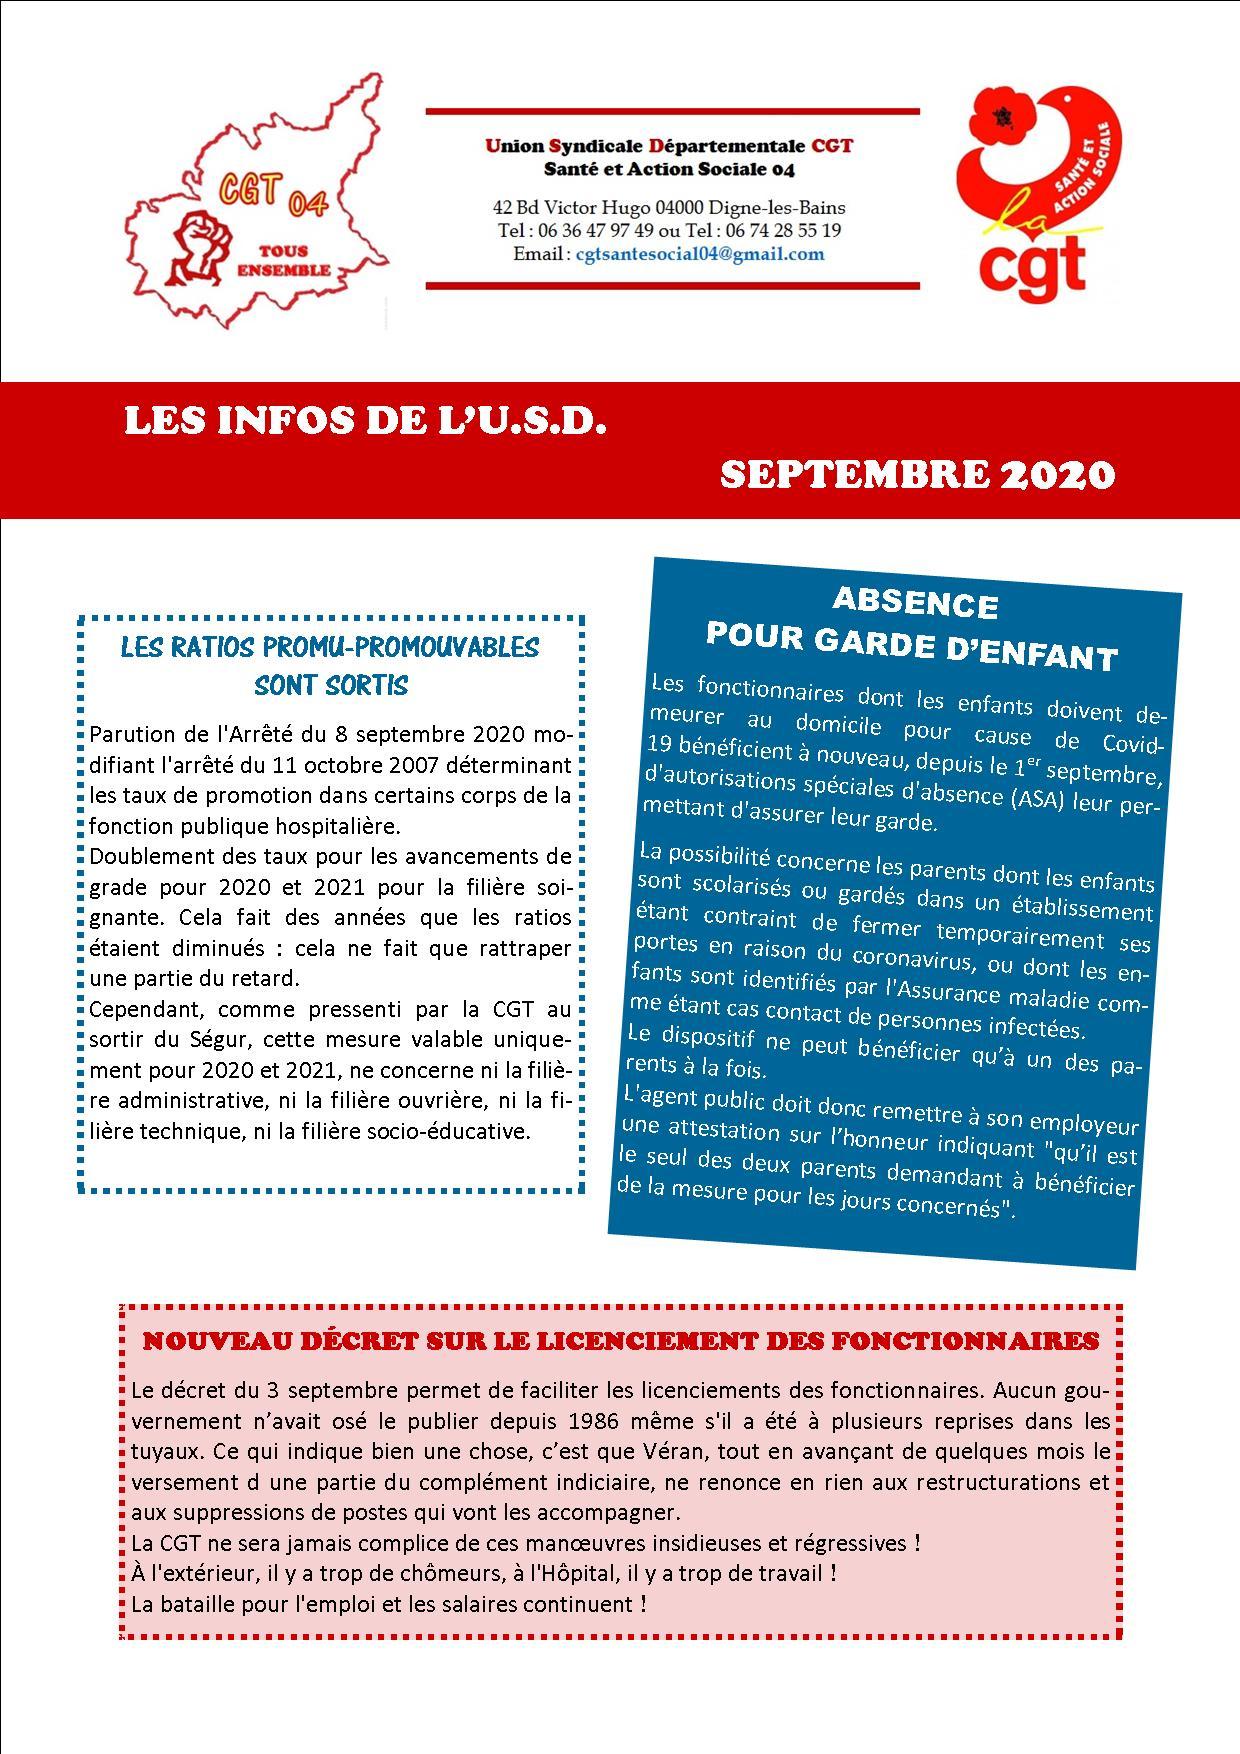 1296. Tract USD CGT Santé et Action Sociale 04 actualité septembre 2020 (p1)